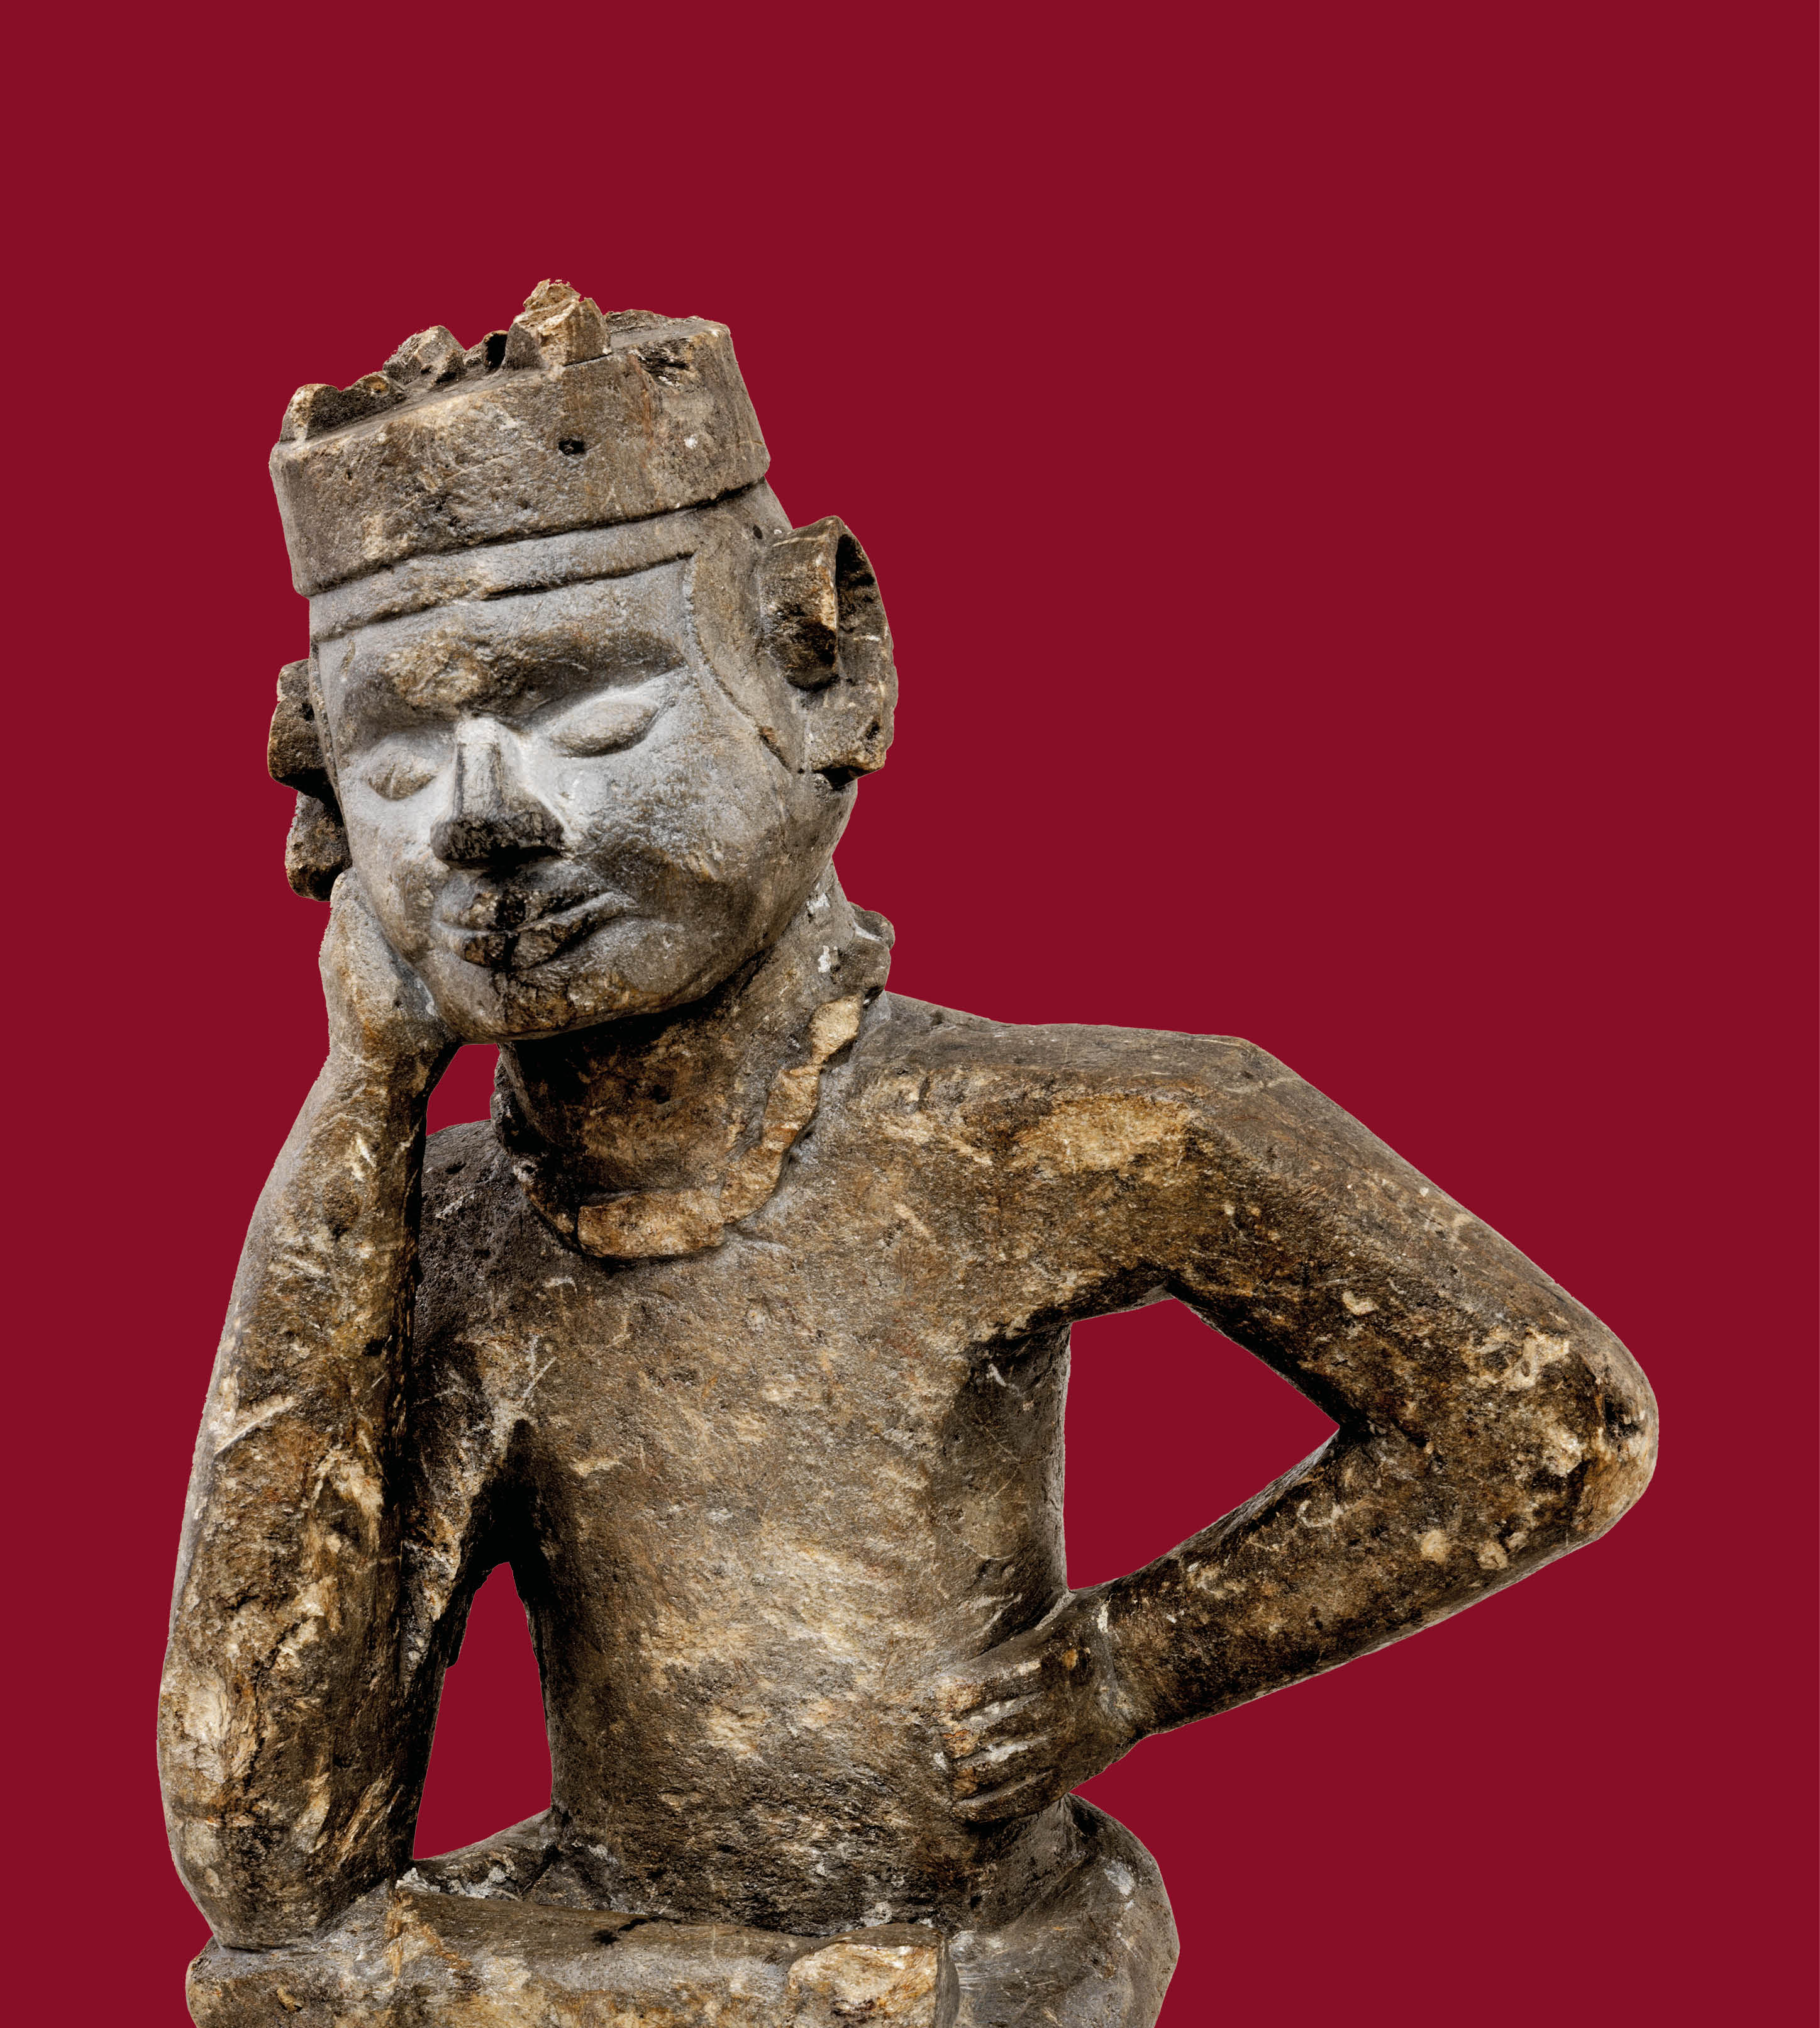 Foto van een grafbeeld (fumani / denker). Kongo volken. Ongedocumenteerde beeldhouwer, Kongo volken. Noord-Angola/Dem. Rep. Congo. Steatiet. Voor 1920. Aankoop kunsthandelaar Henri Pareyn, 1920